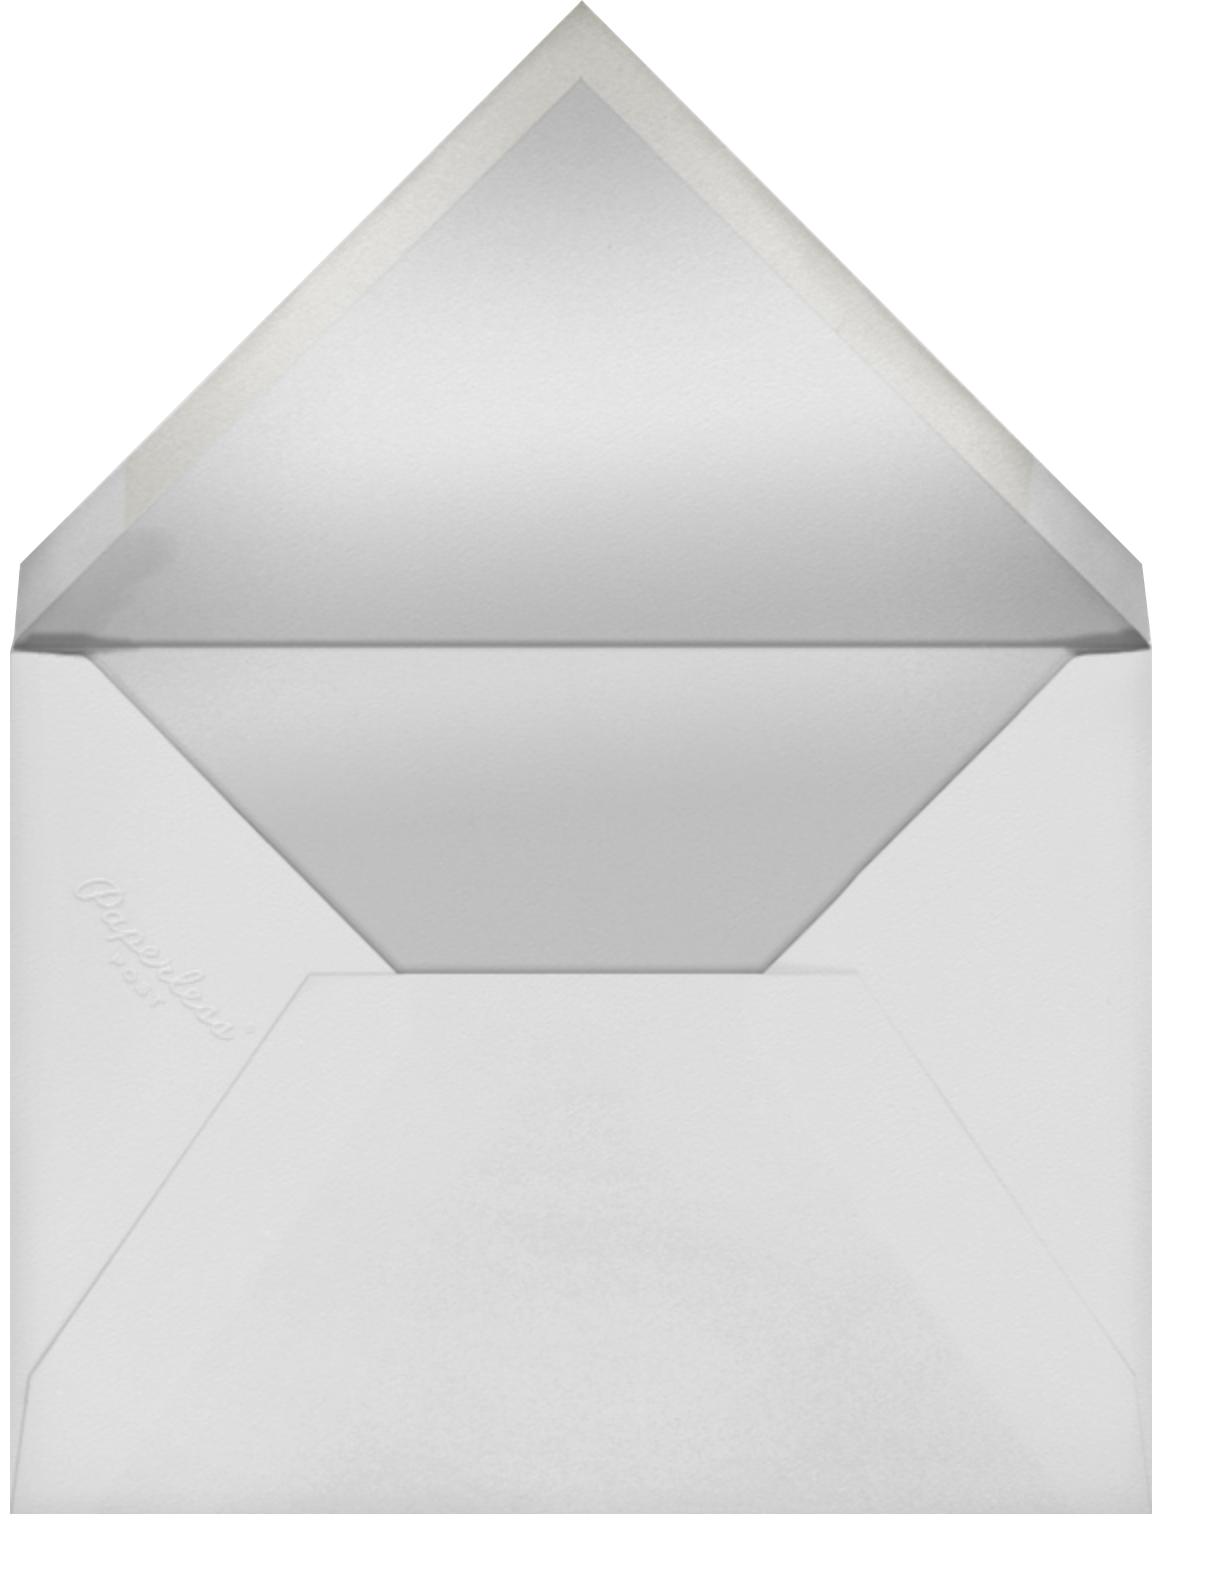 Espelette (Program) - Paperless Post - Menus and programs - envelope back